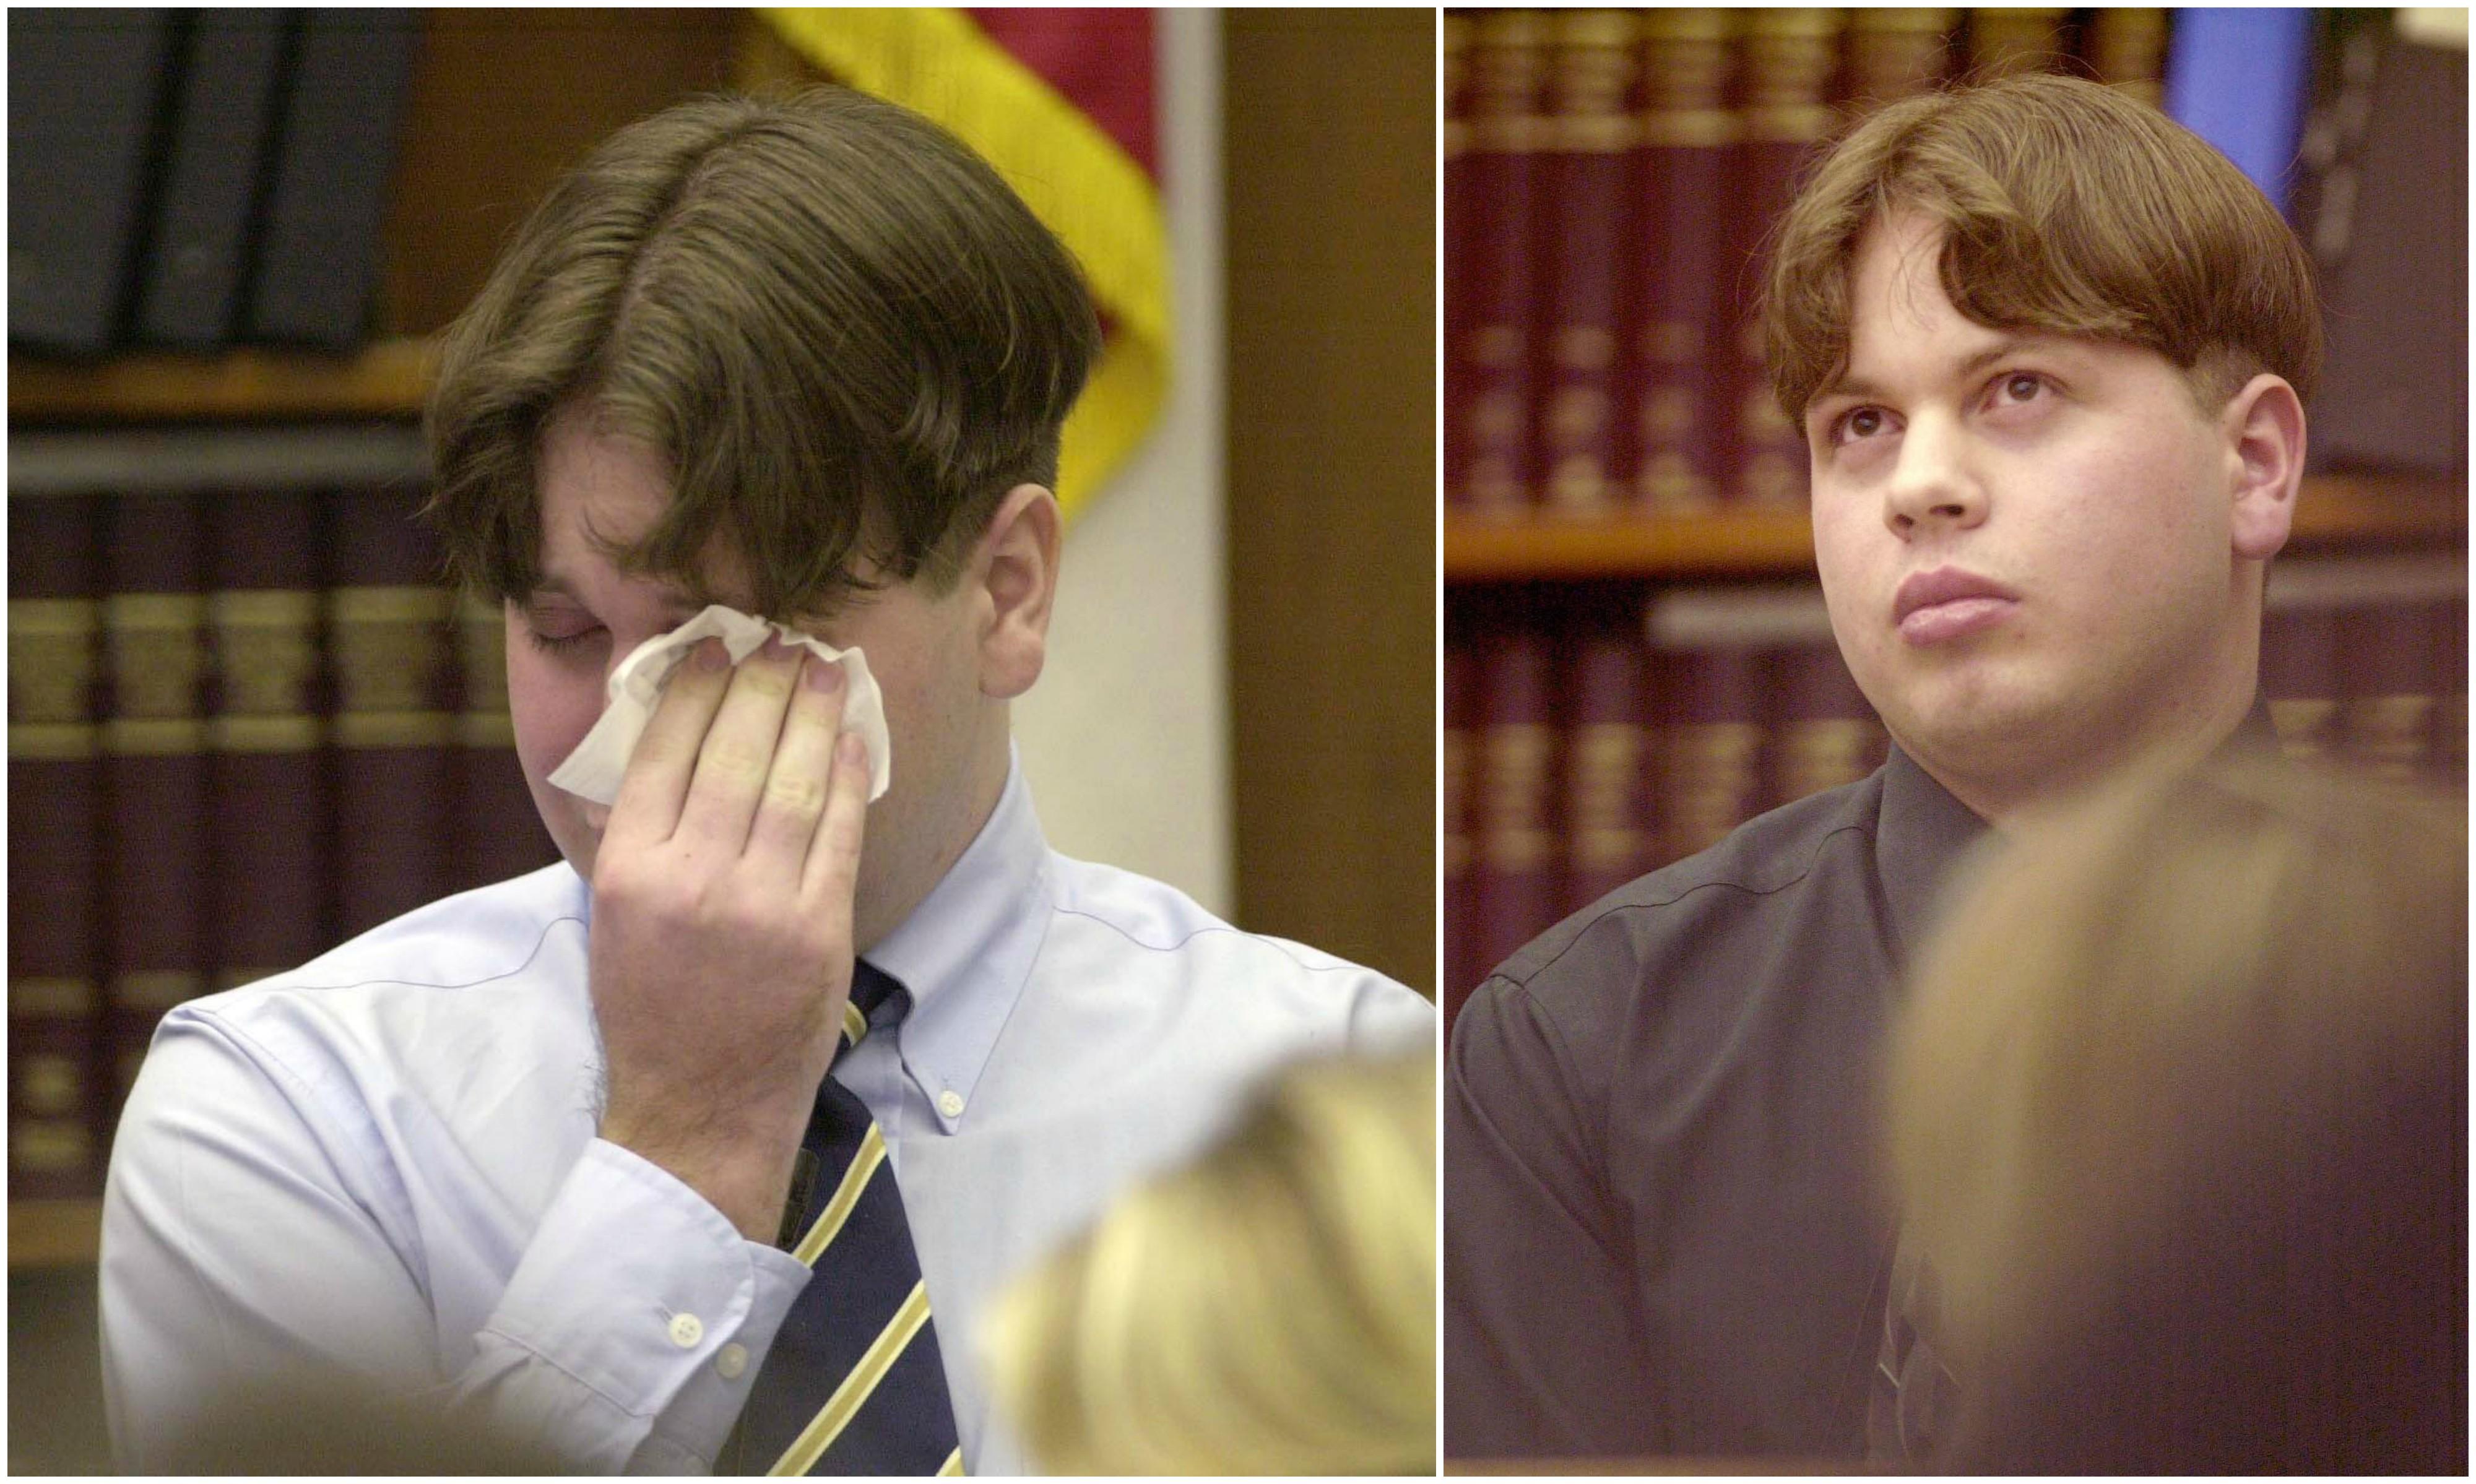 Niesłusznie oskarżony Michael Crowe podczas procesu mordercy swojej siostry, kwiecień 2004 r. (fot. Eastnews)